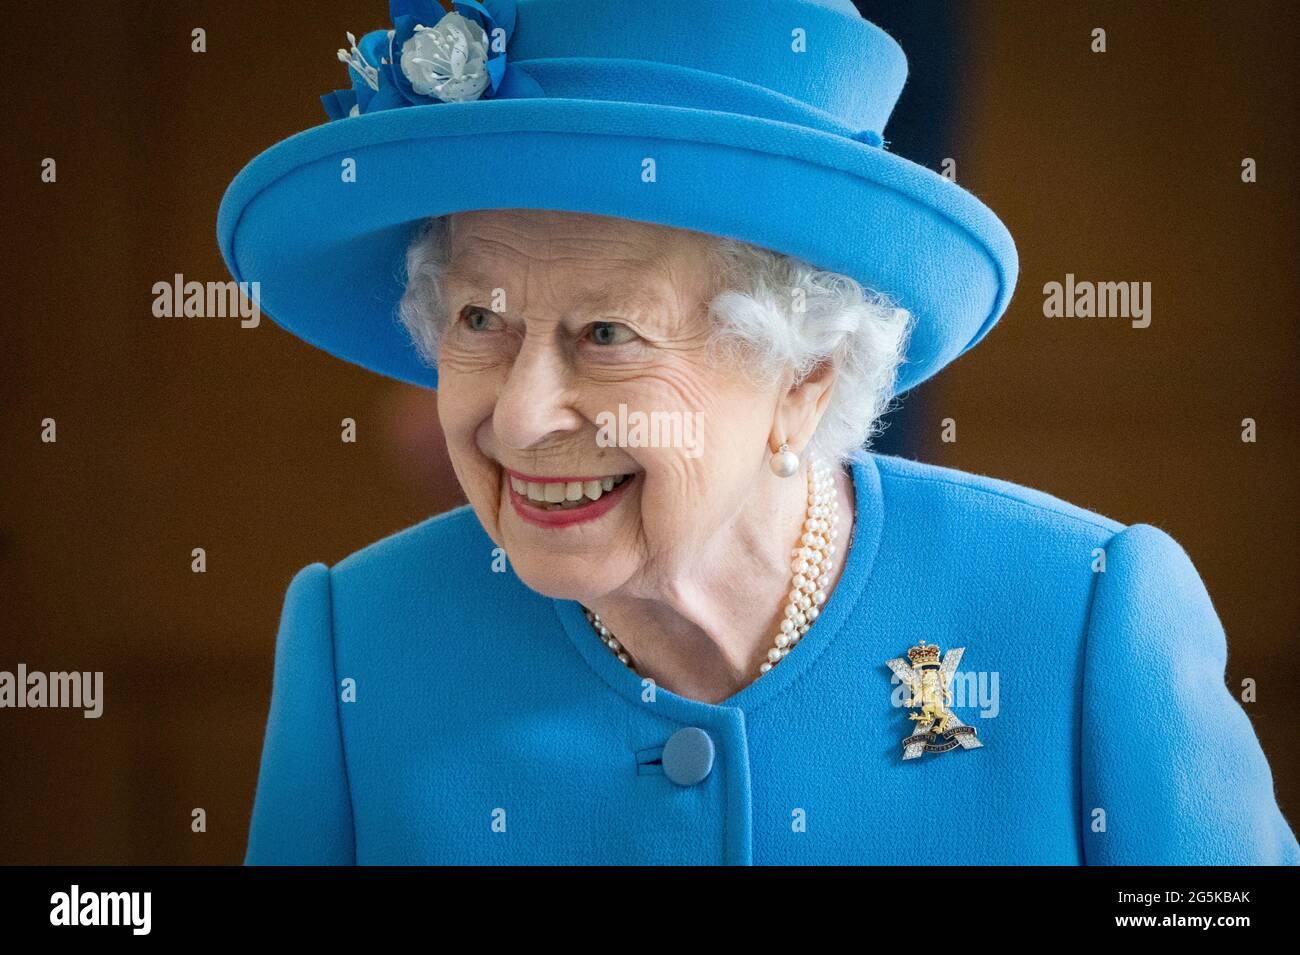 Königin Elizabeth II. Trifft sich mit lokalen Freiwilligen und Schlüsselarbeitern, um ihnen für ihre Bemühungen während der Pandemie im Innenhof des Palace of Holyroodhouse in Edinburgh zu danken, als Teil ihrer traditionellen Reise nach Schottland für die Holyrood Week. Bilddatum: Montag, 28. Juni 2021. Stockfoto